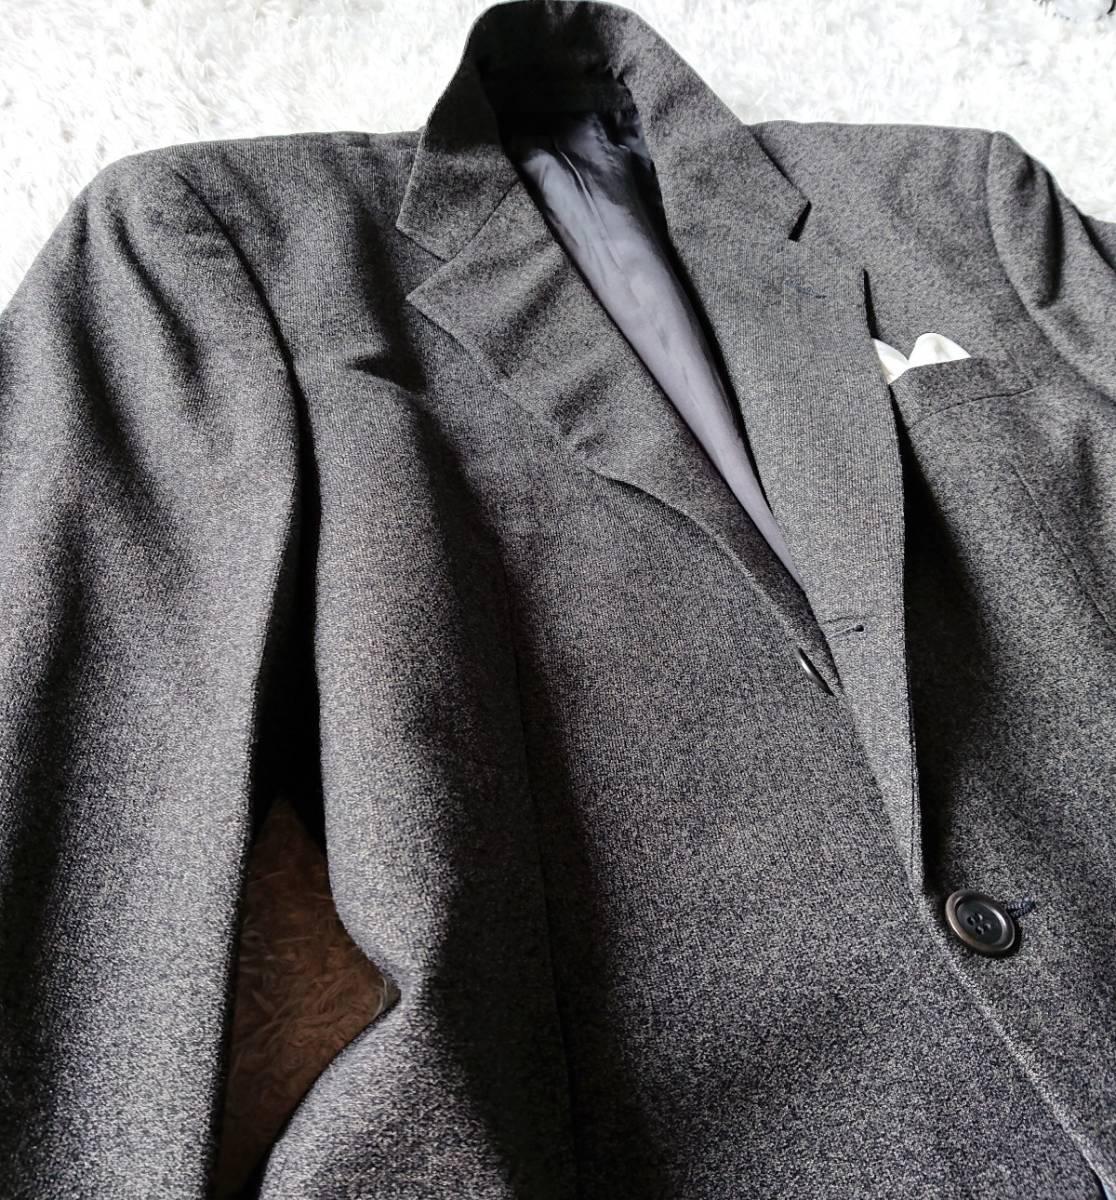 最高級ビジネスライン 極上ヴァージンウール100% 柔らか高級な肌触★ アルマーニ コレツィオーニ スーツ セットアップ メンズ ダークグレー_画像9